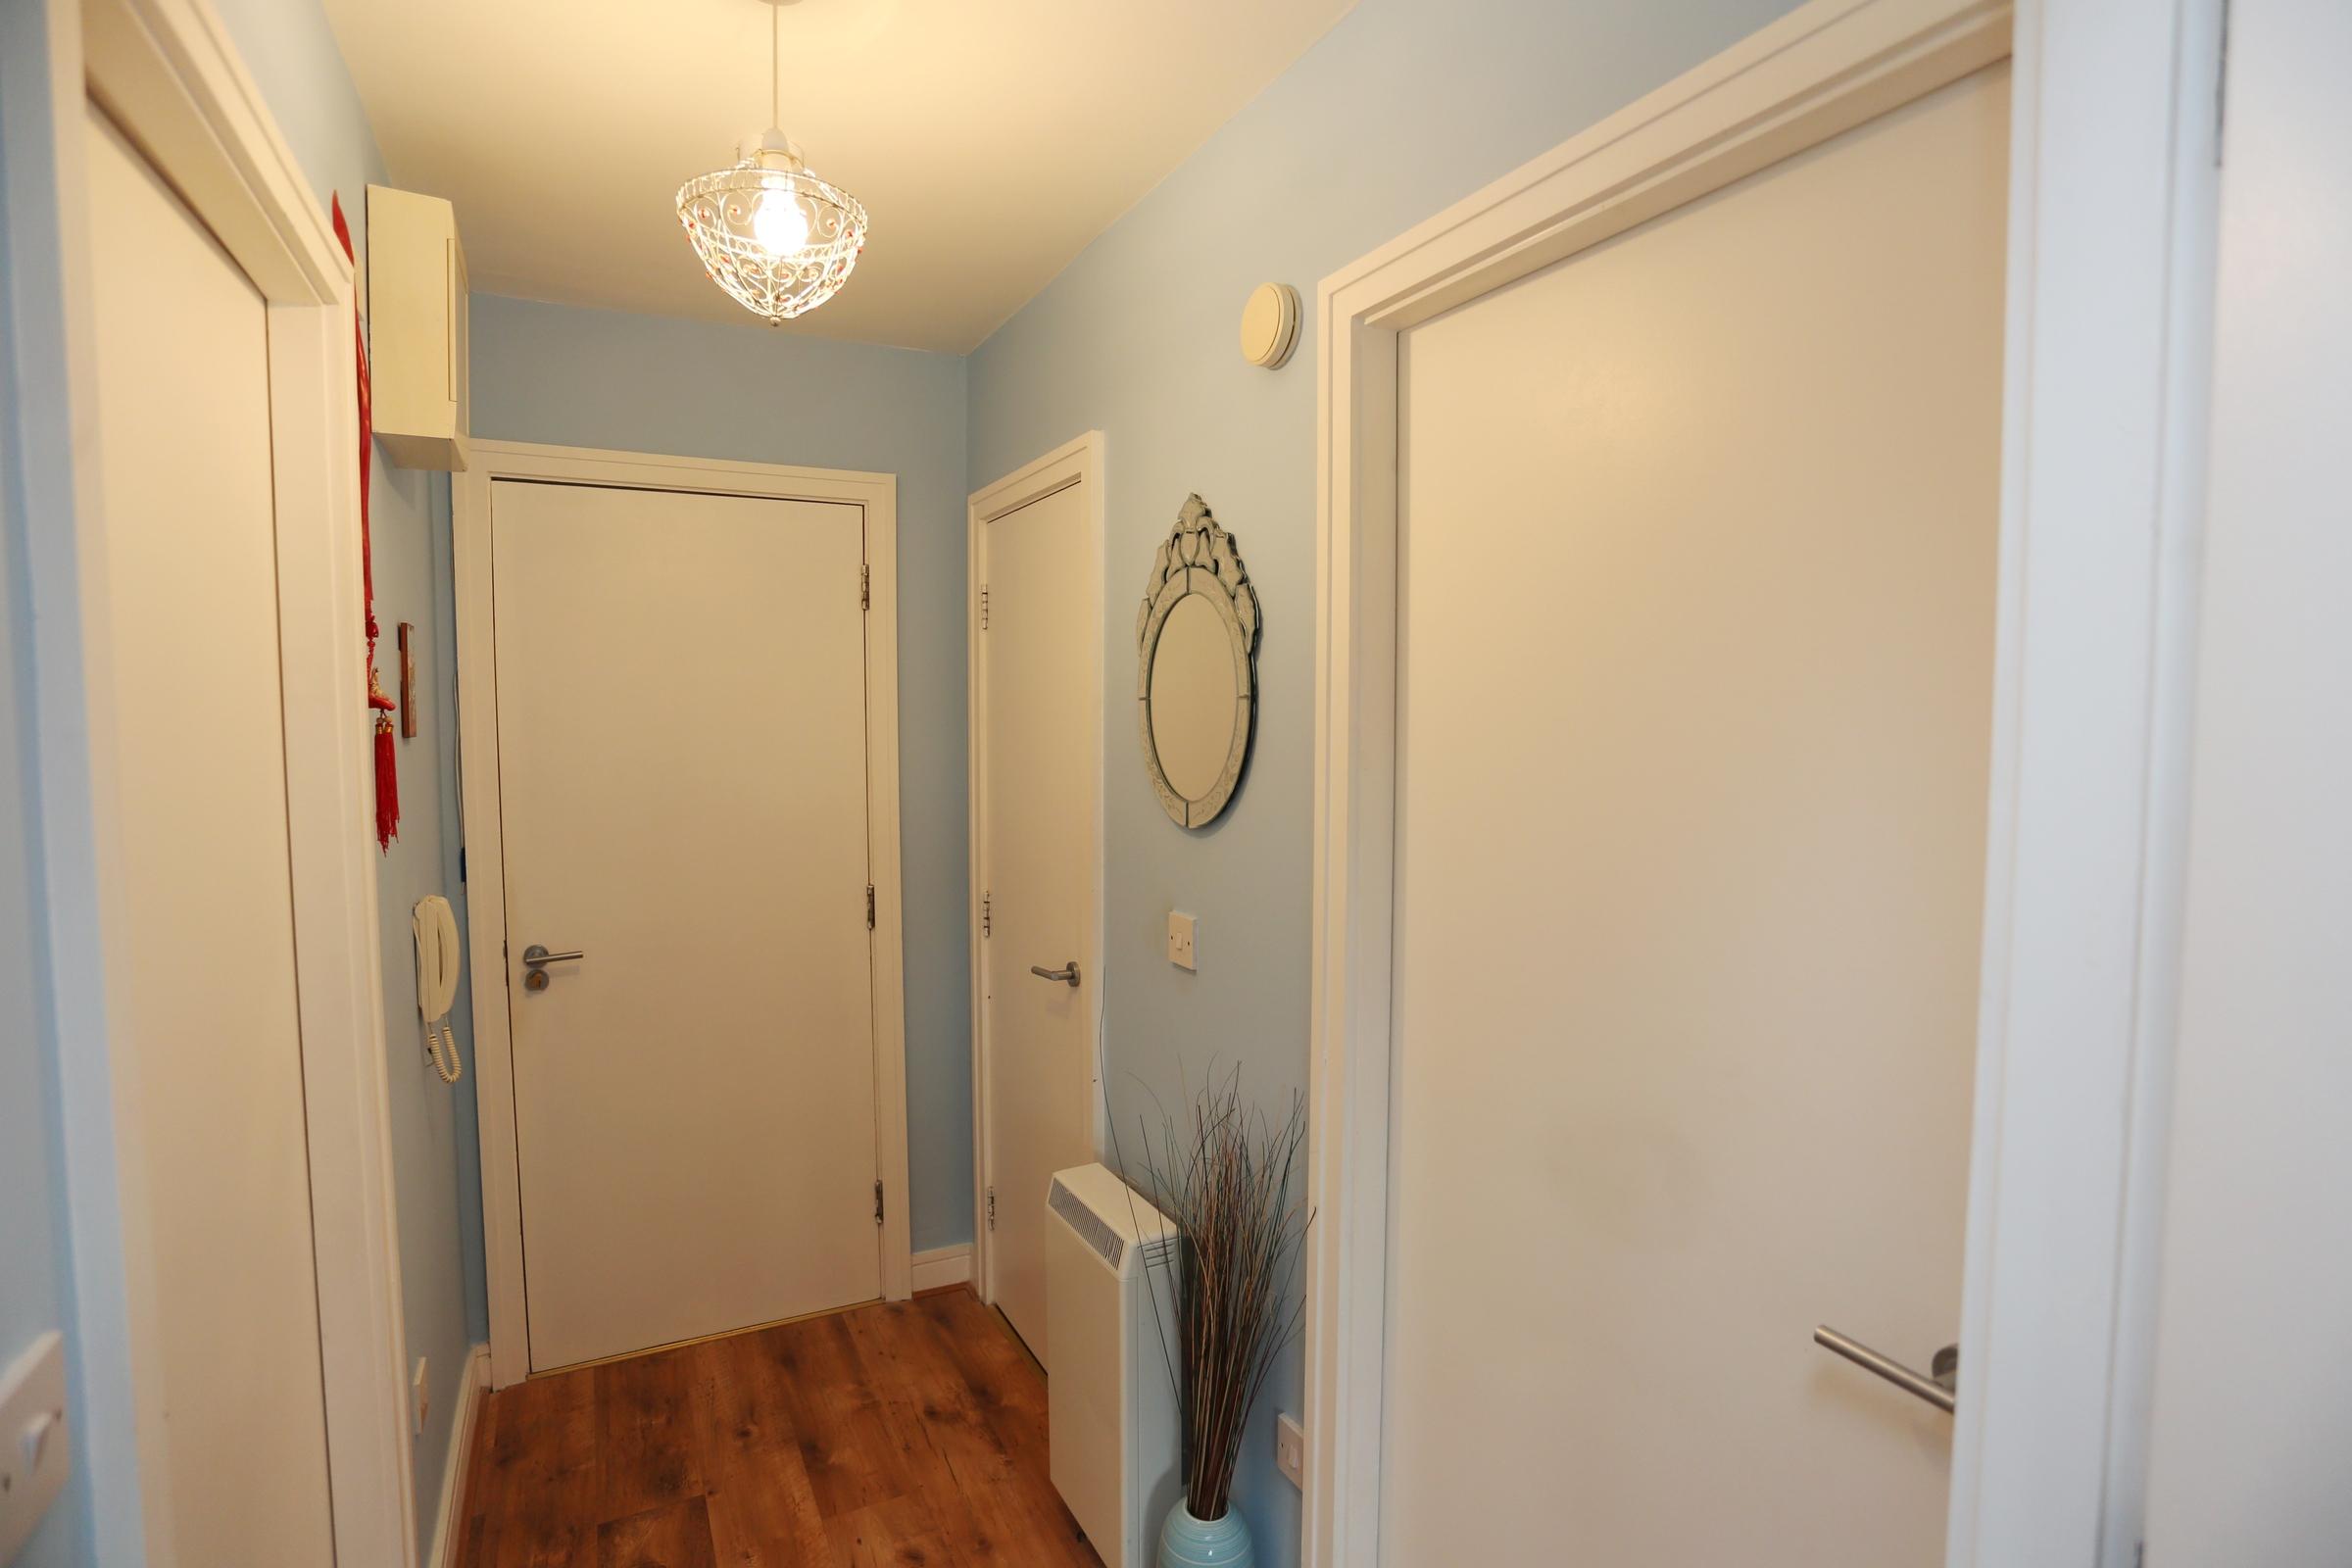 Apartment 124, Rath Geal, Clondalkin, Dublin 22